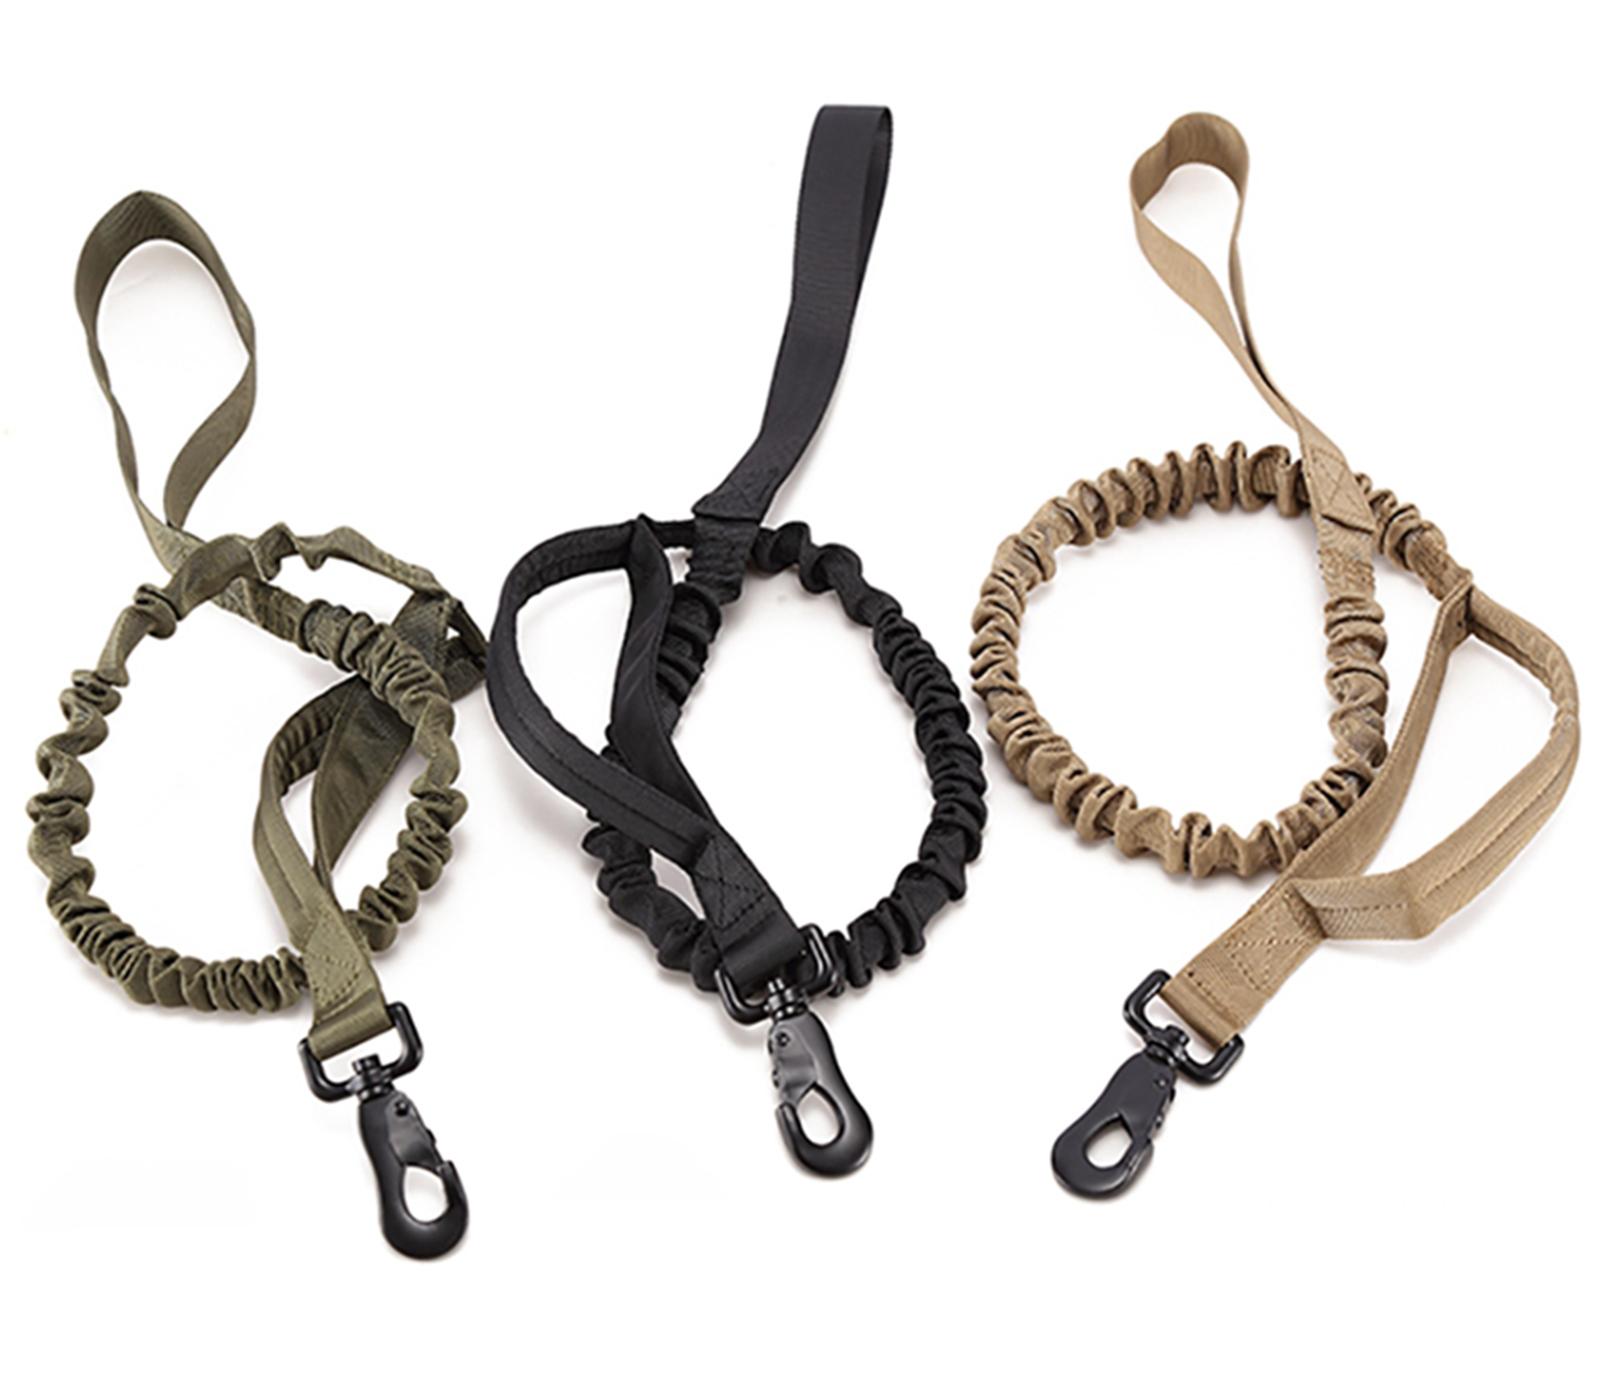 Тактический поводок для служебных собак (хаки-песок)